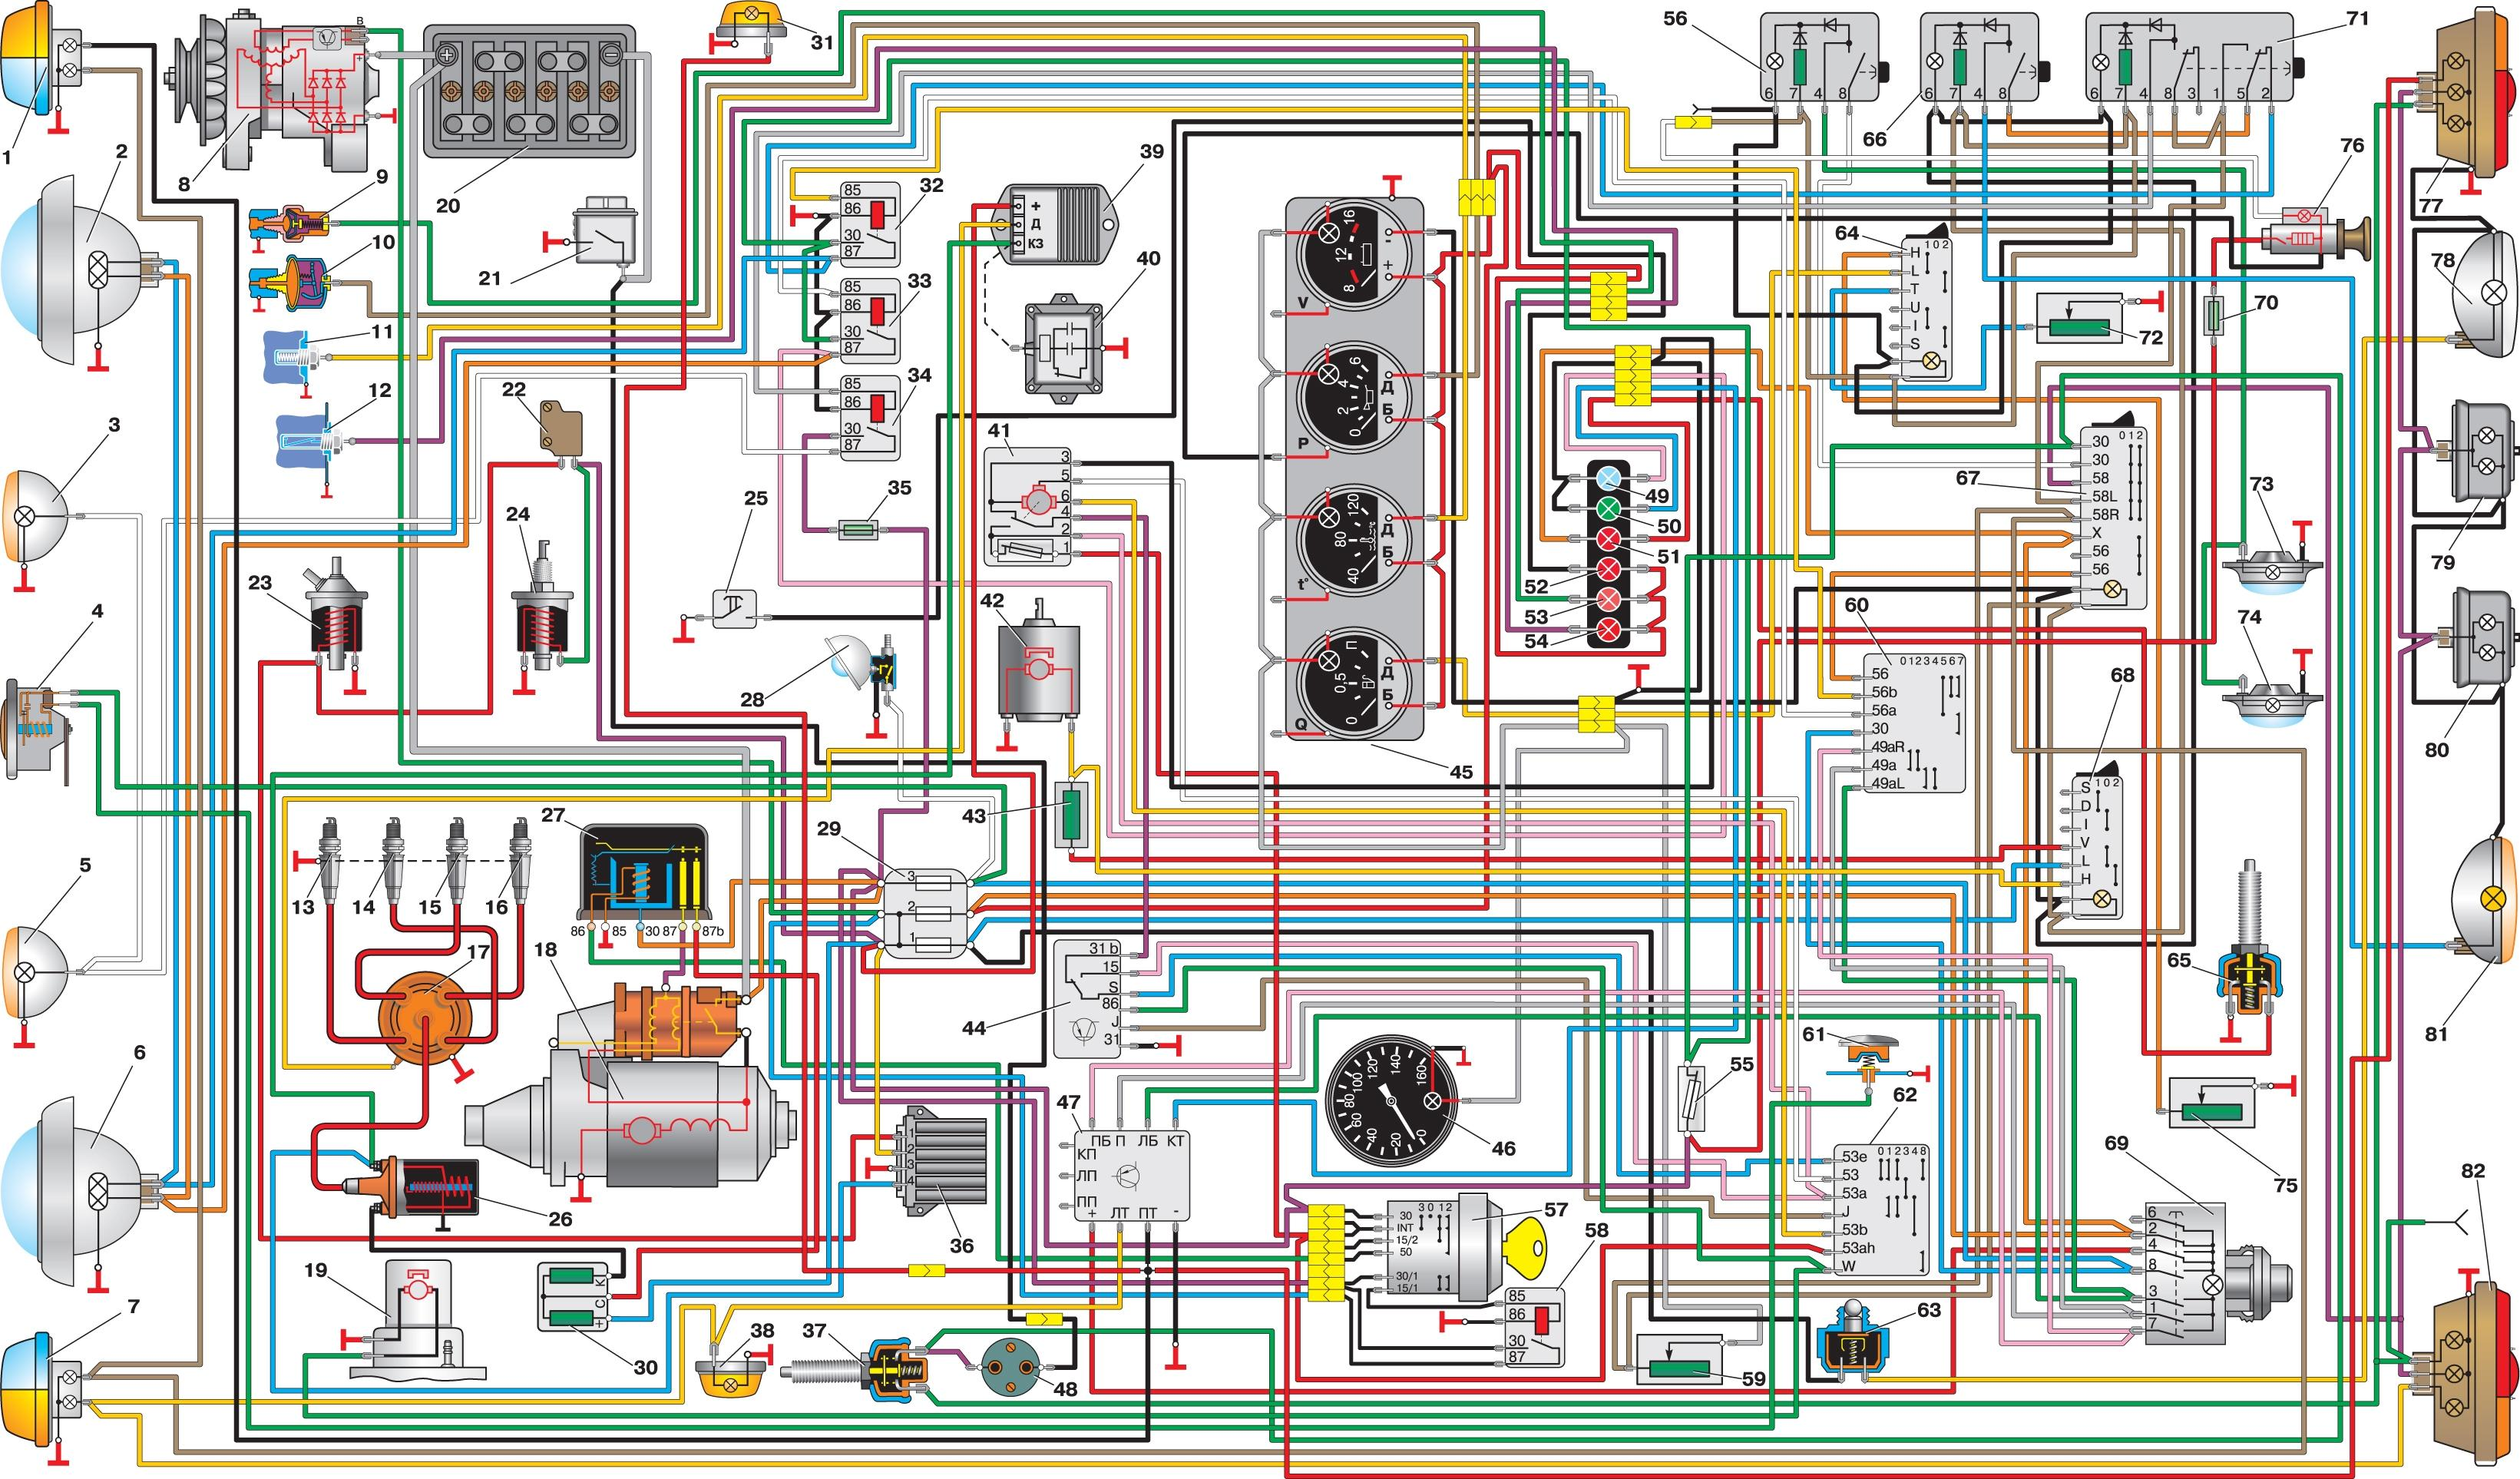 электрическая схема волгу 3102